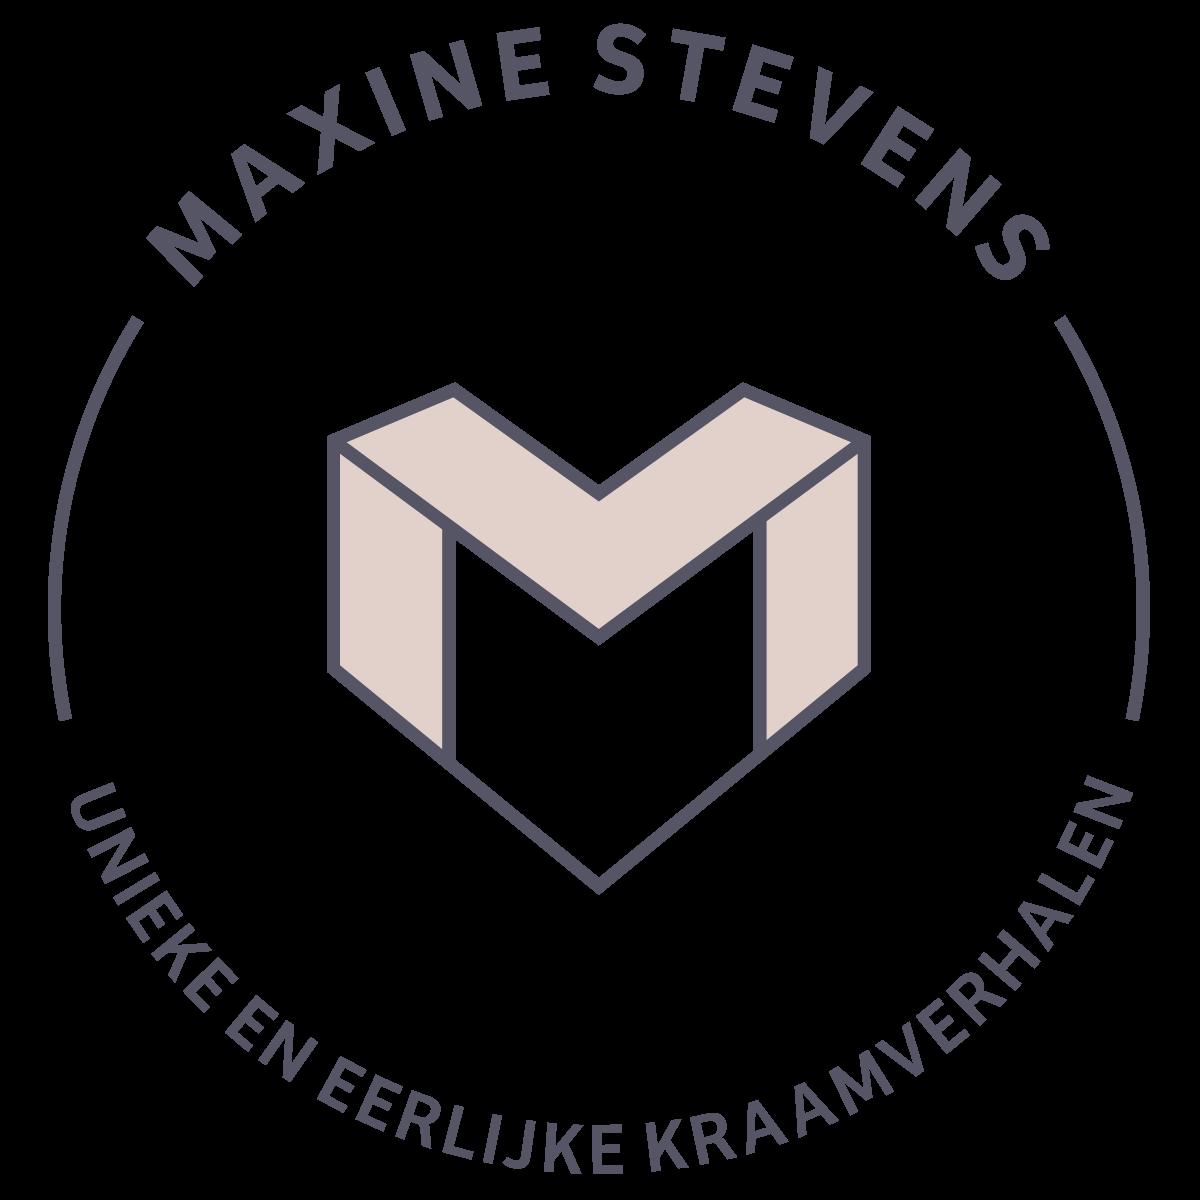 Logo_MaxineStevens_grijs.png